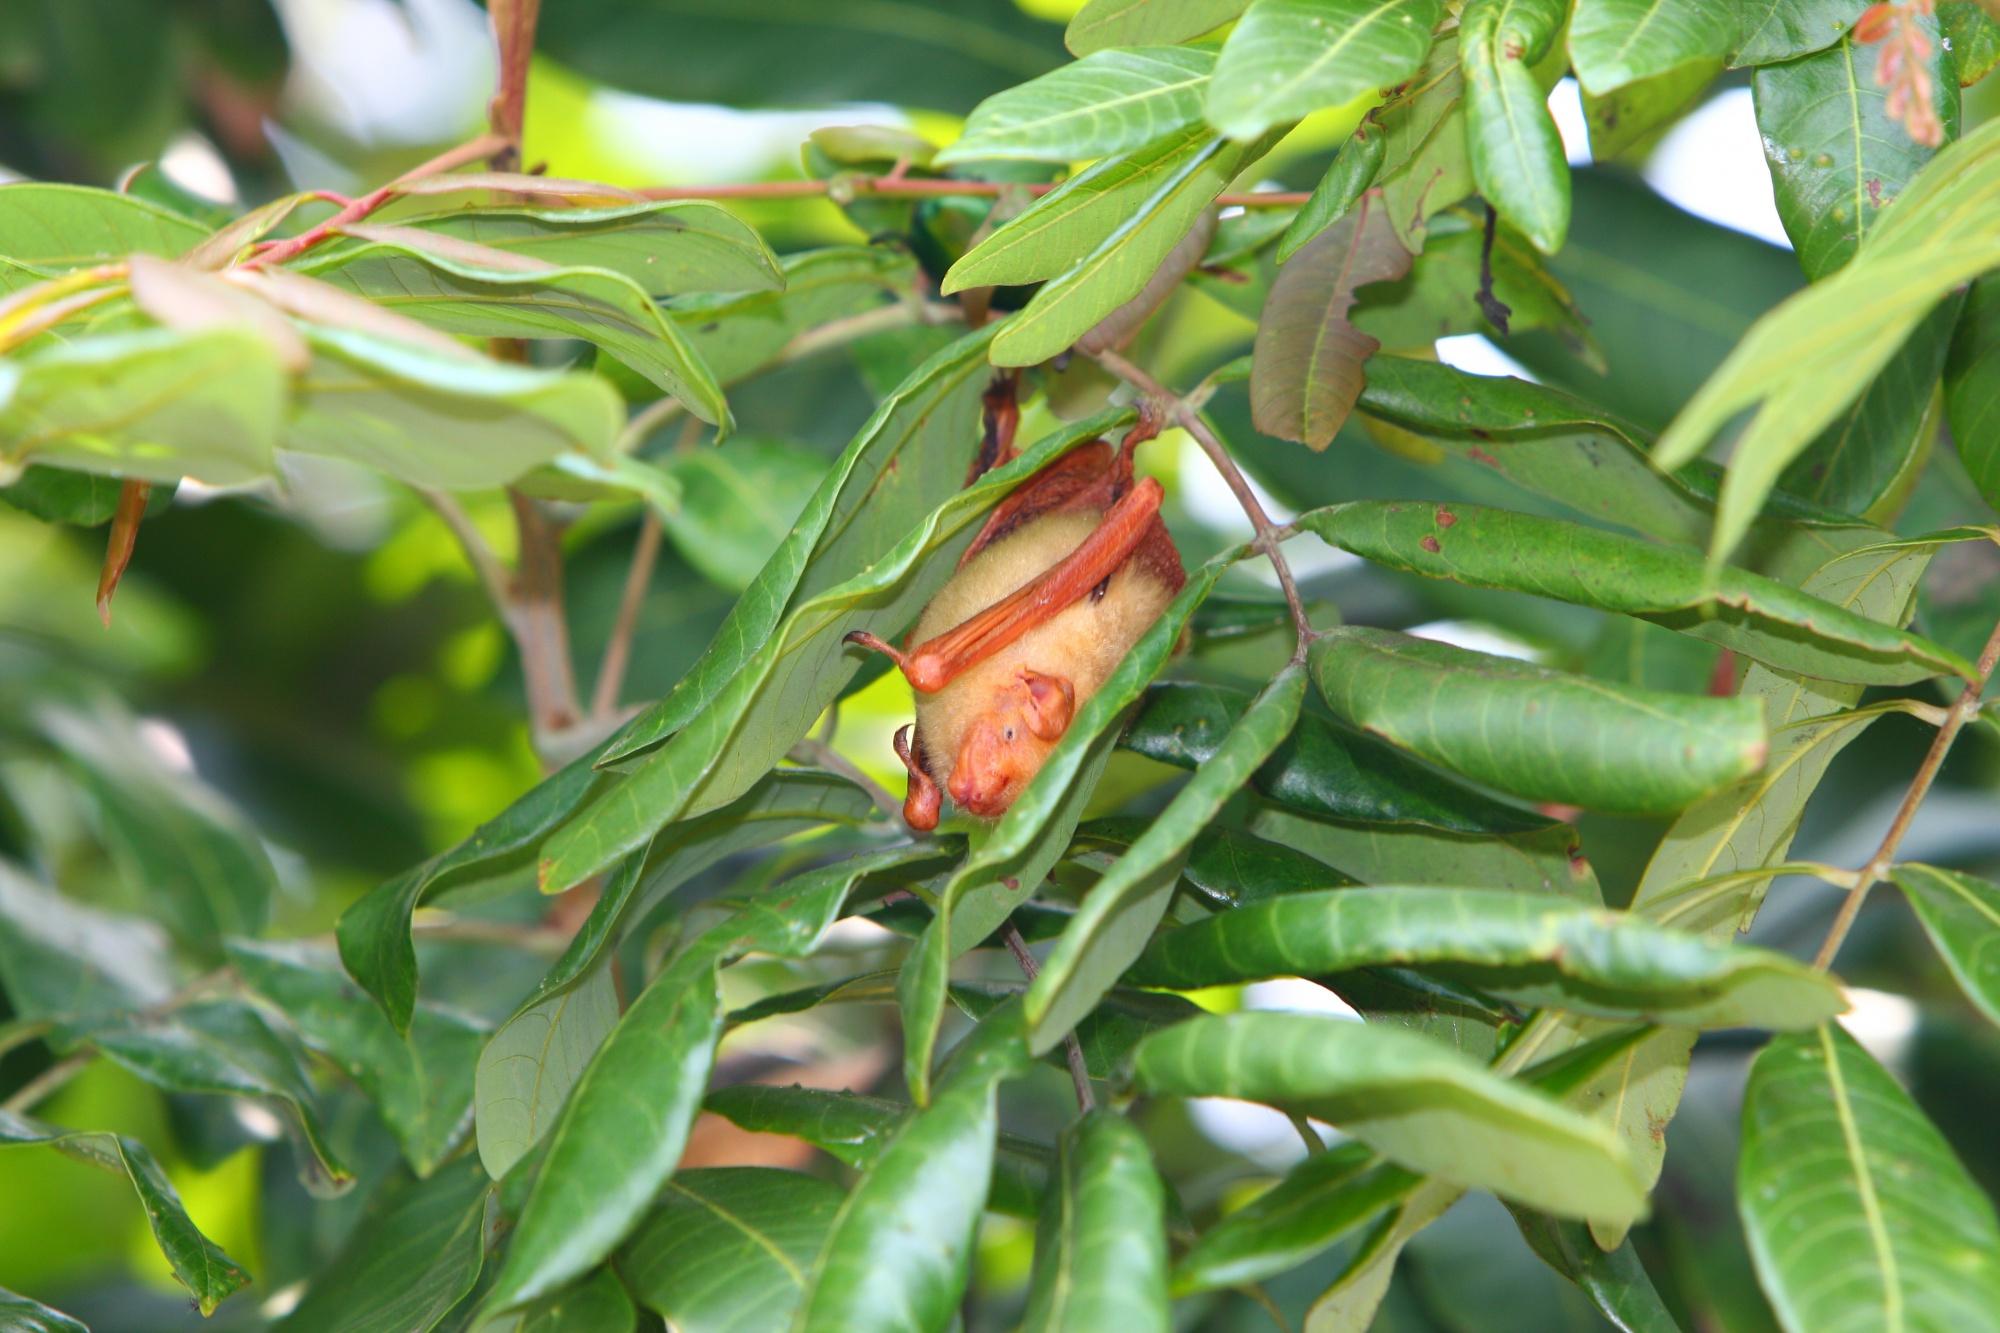 懷孕末期的金黃鼠耳蝠腹部腫脹似快破的氣球一般